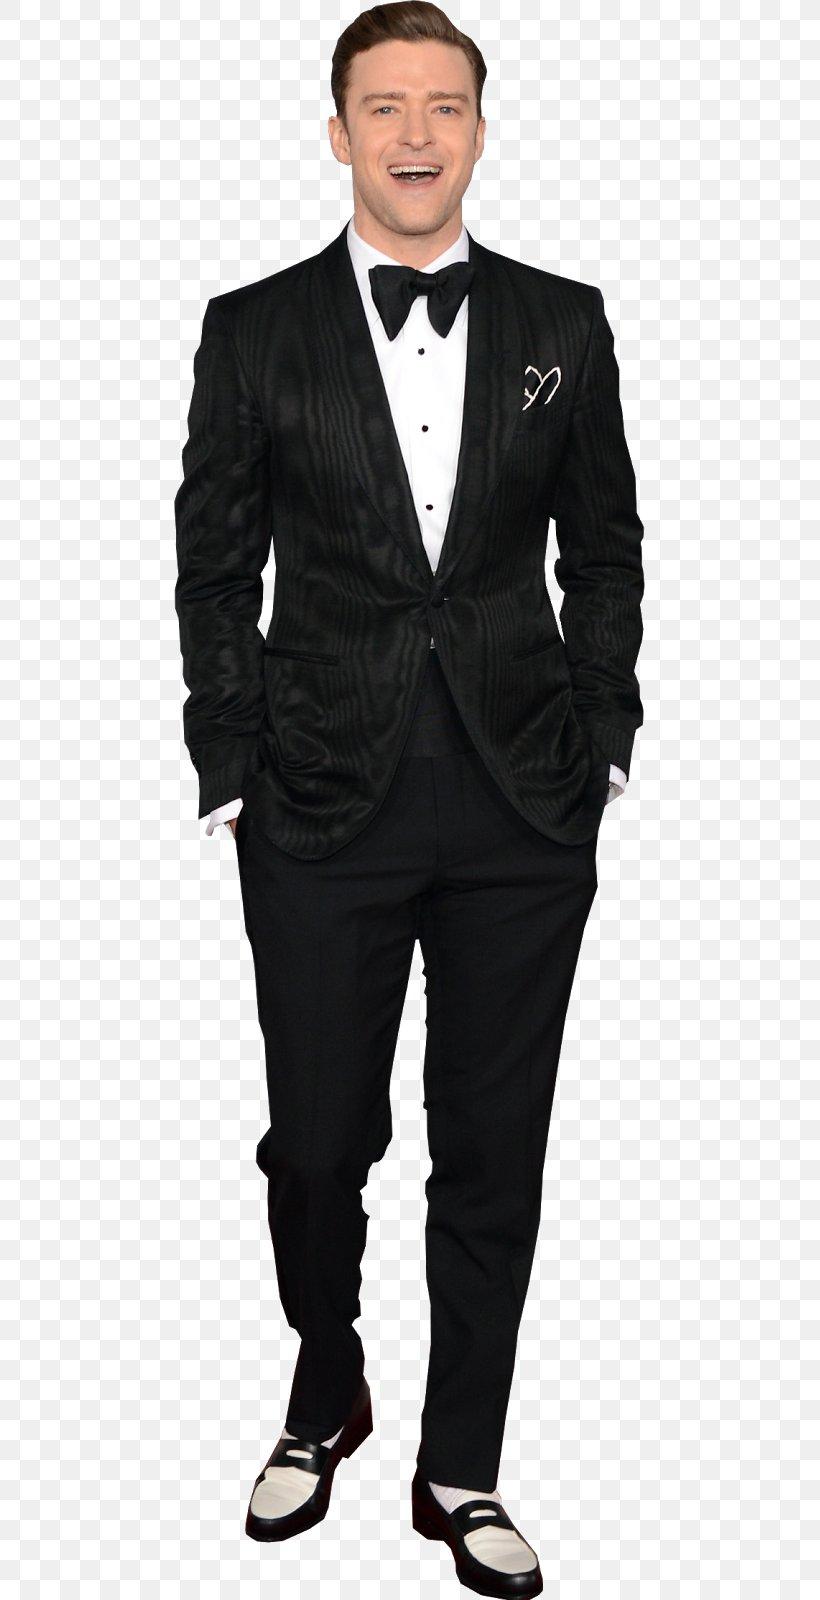 Tuxedo Tobacco Smoking Smoking Jacket Black Tie, PNG